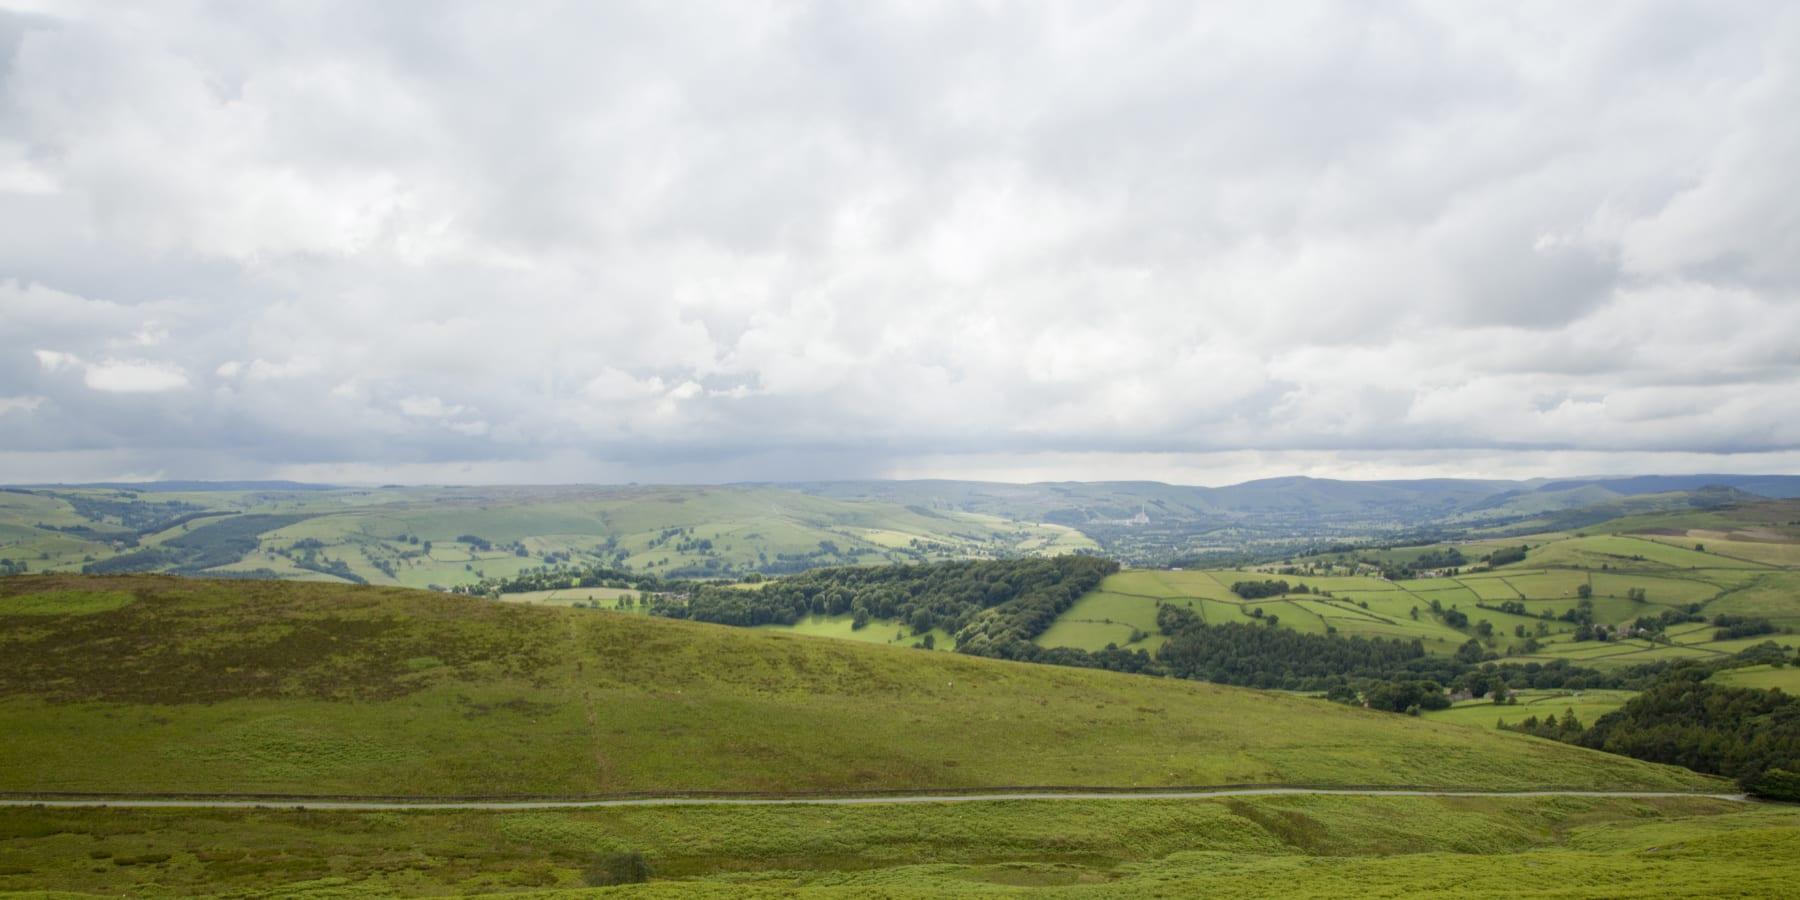 Edale landscape